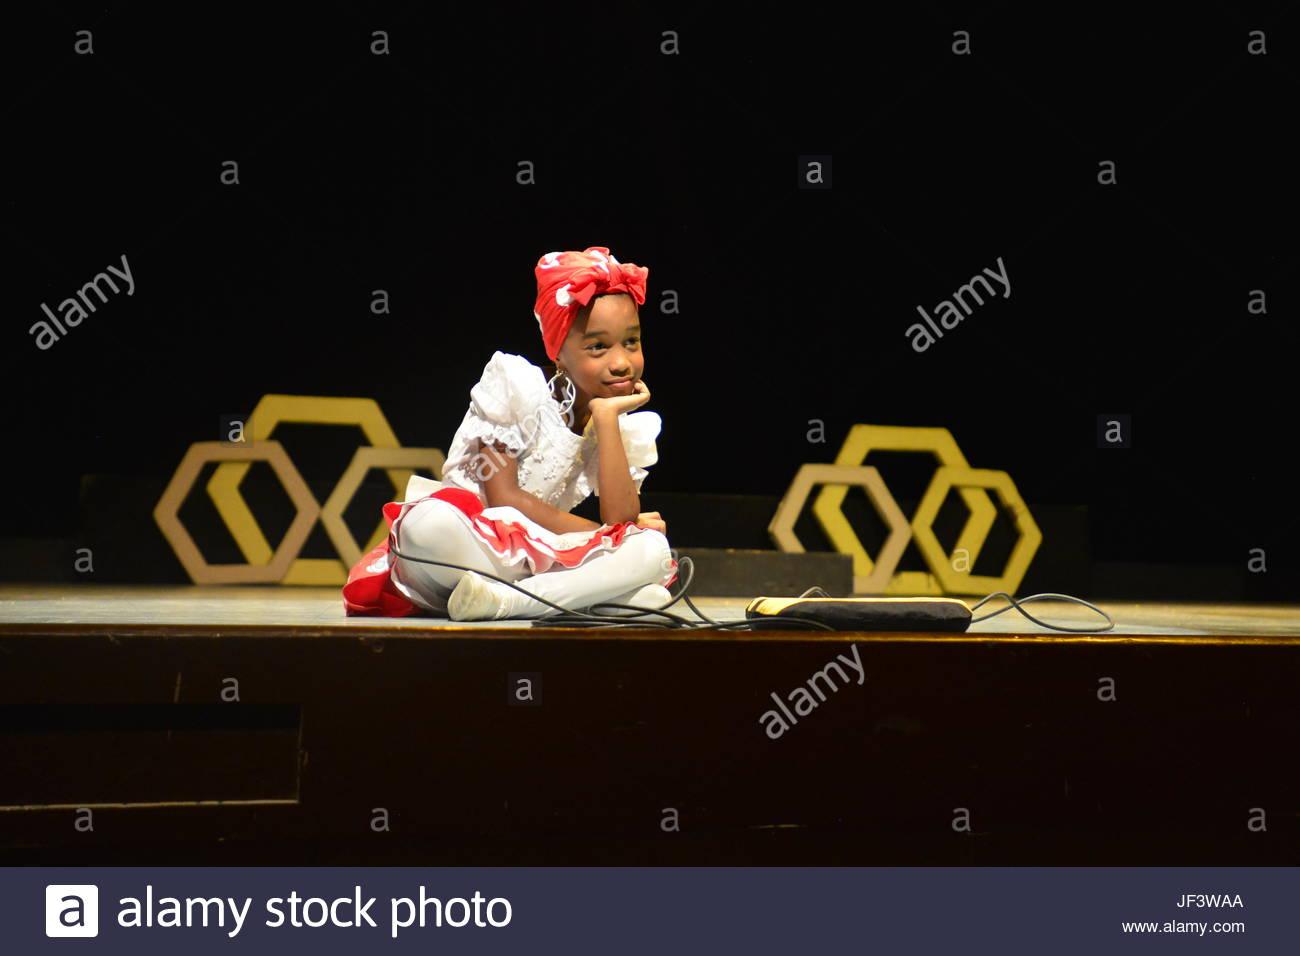 Eine junge Schauspielerin von La Colmenita, Kindertheater Leistung. Stockbild